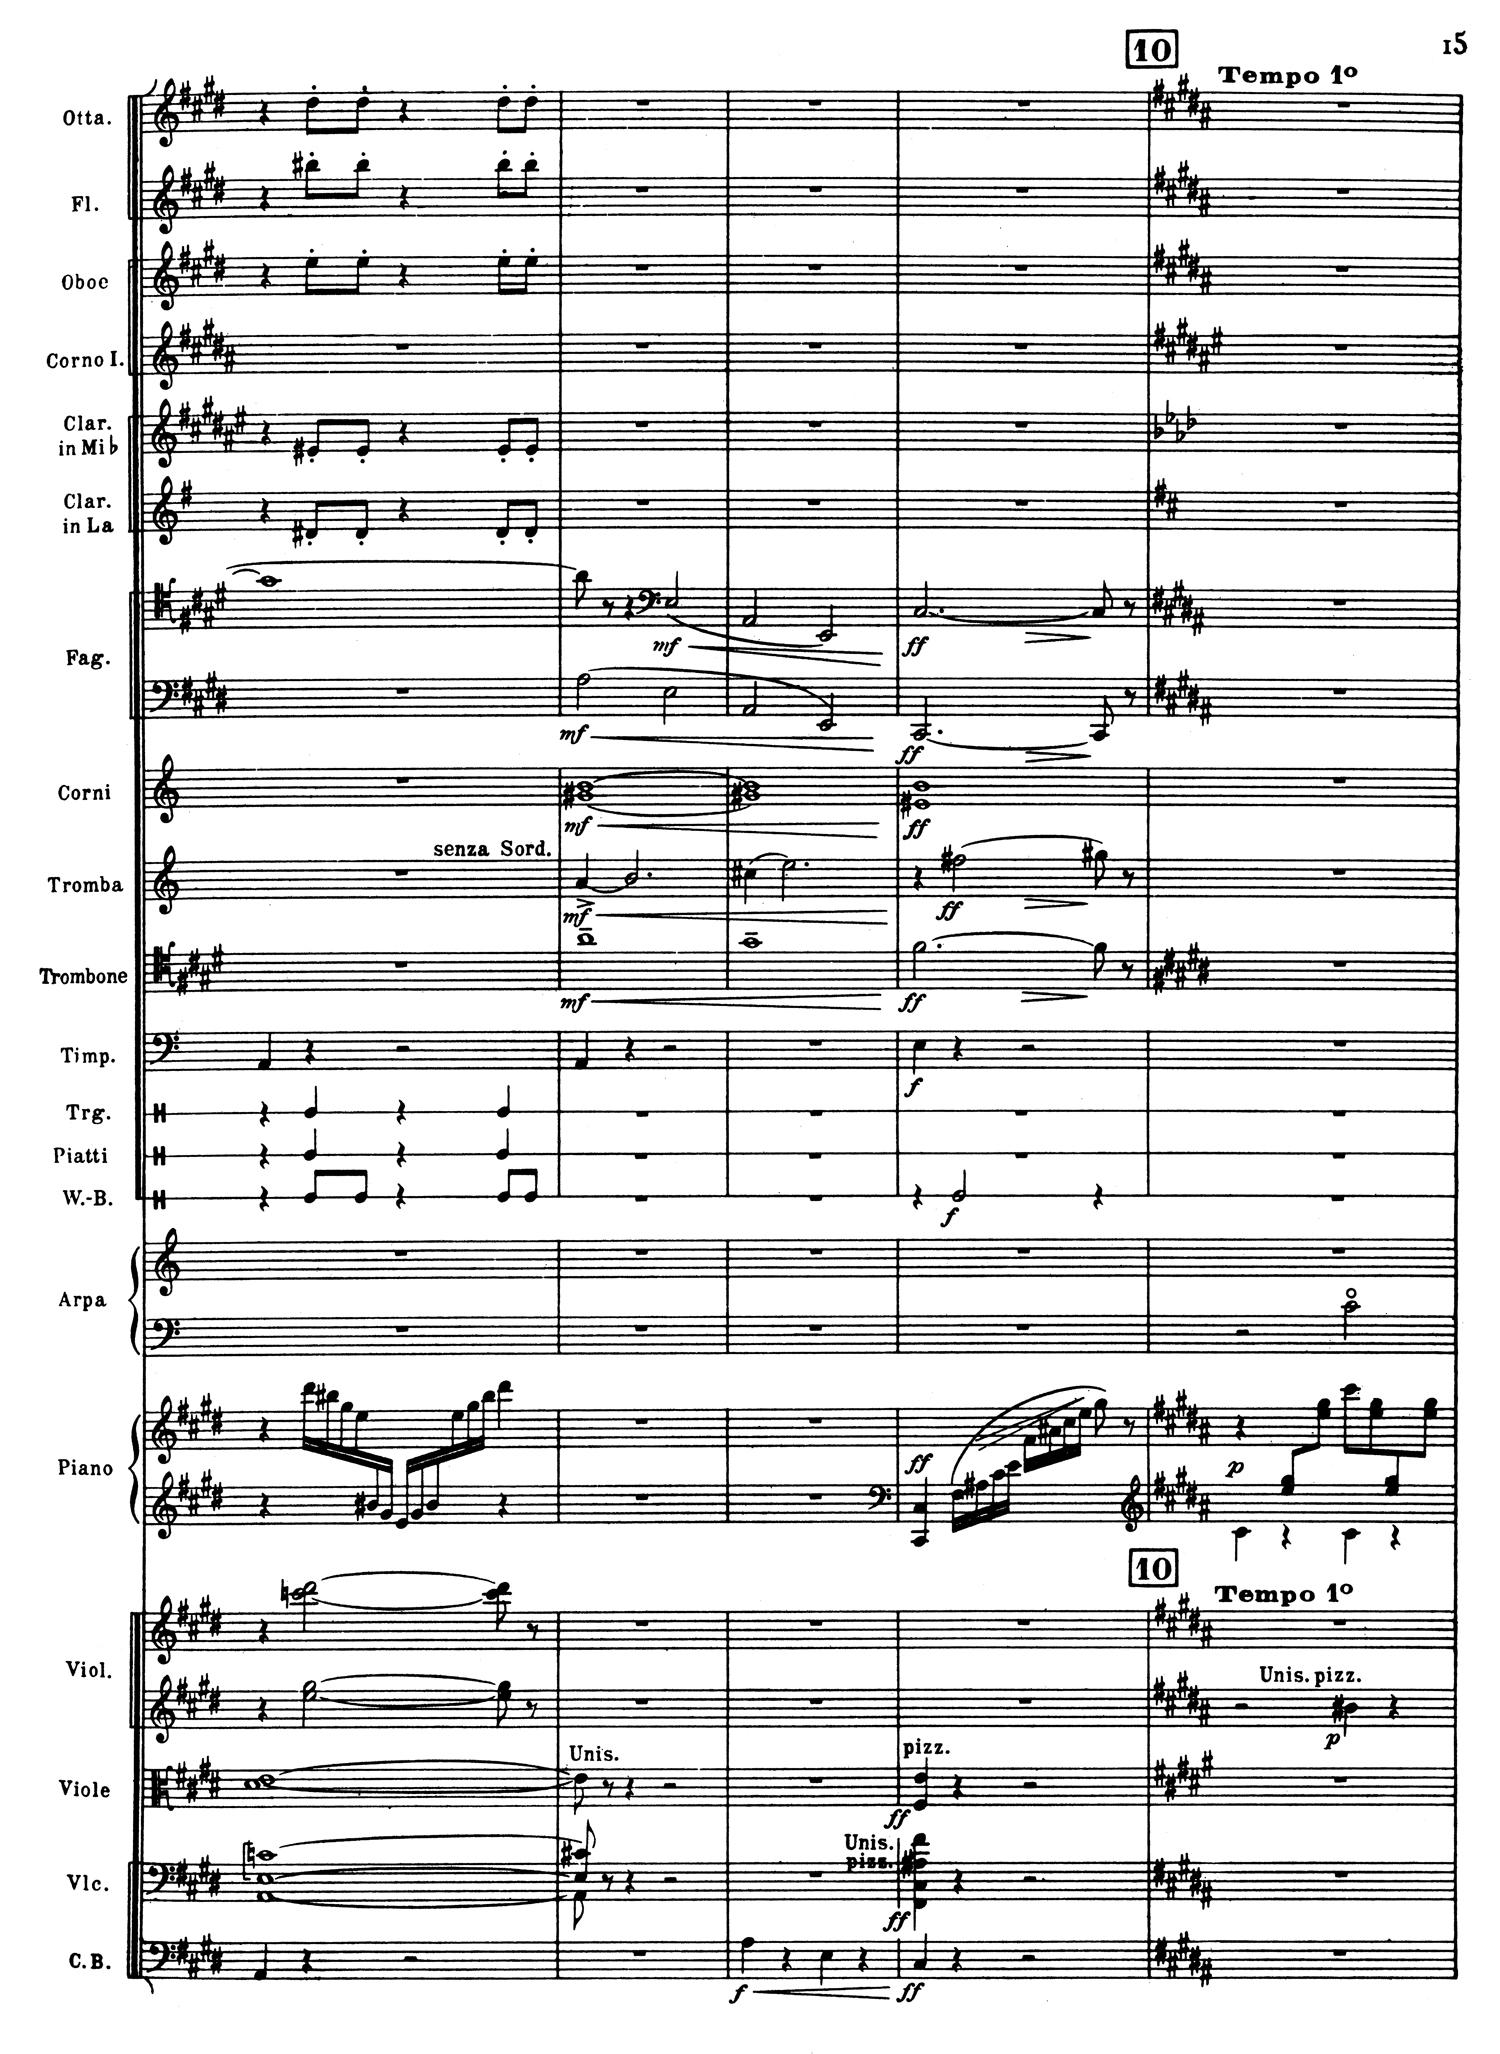 Ravel Piano Mvt 1 Score 3.jpg